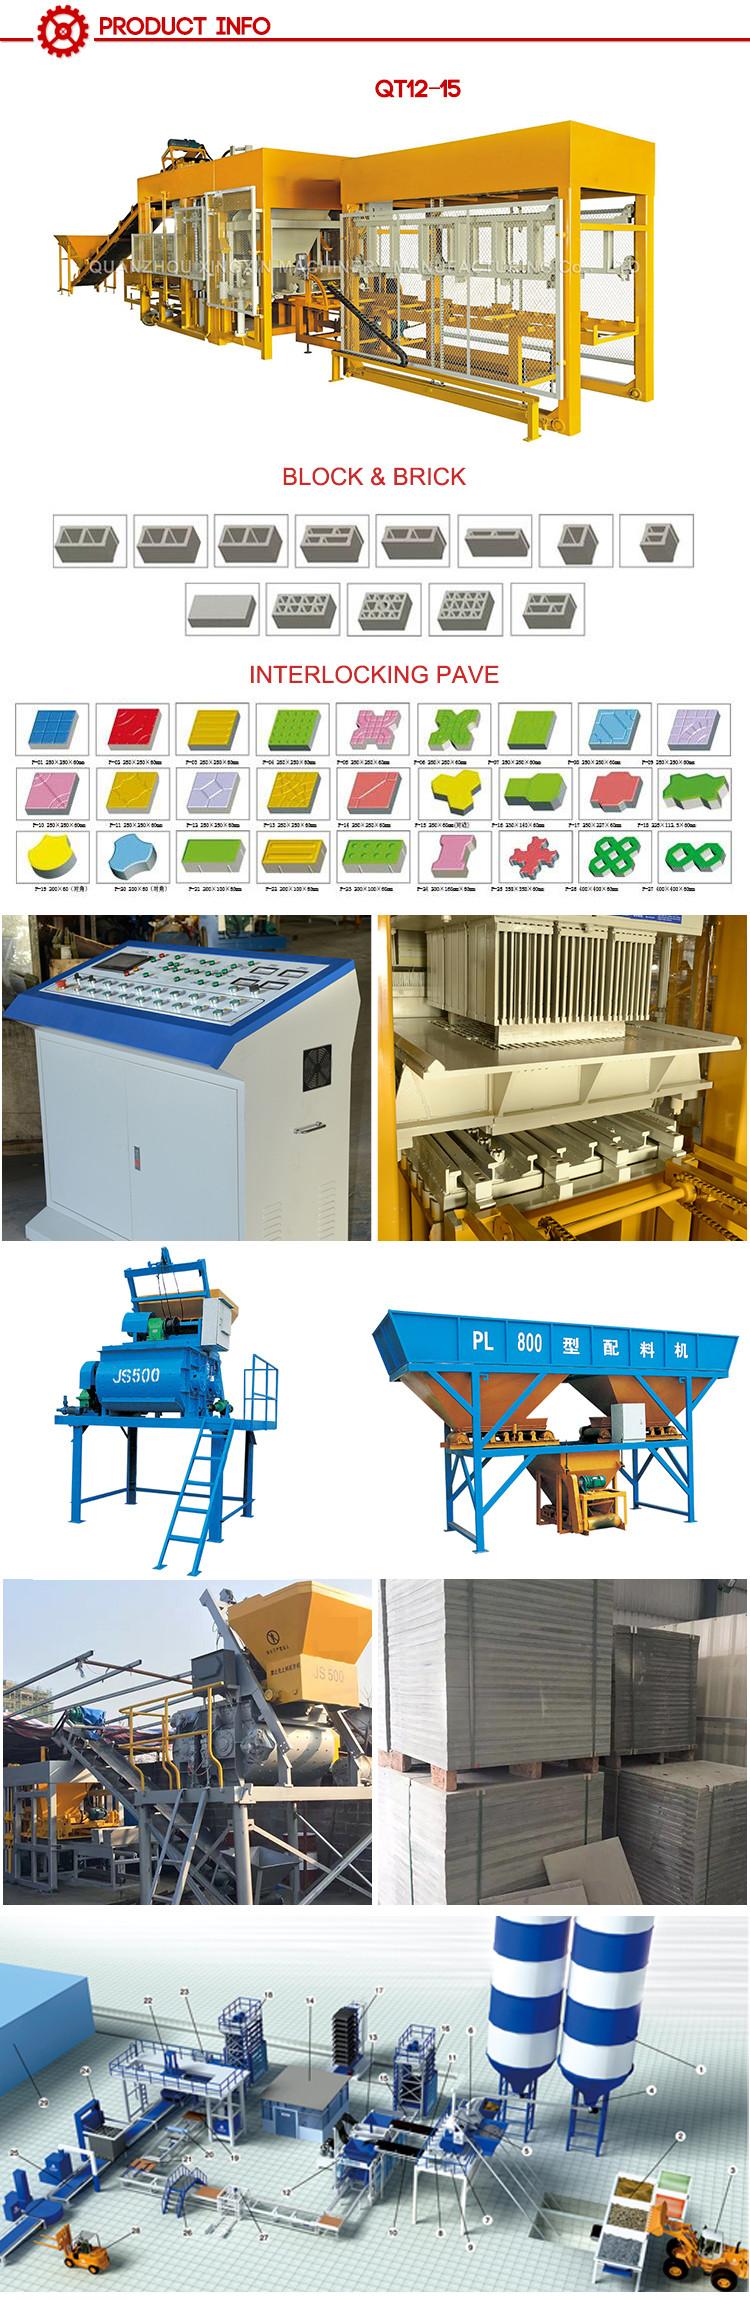 Automatic Brick Making Machine Price (1).jpg